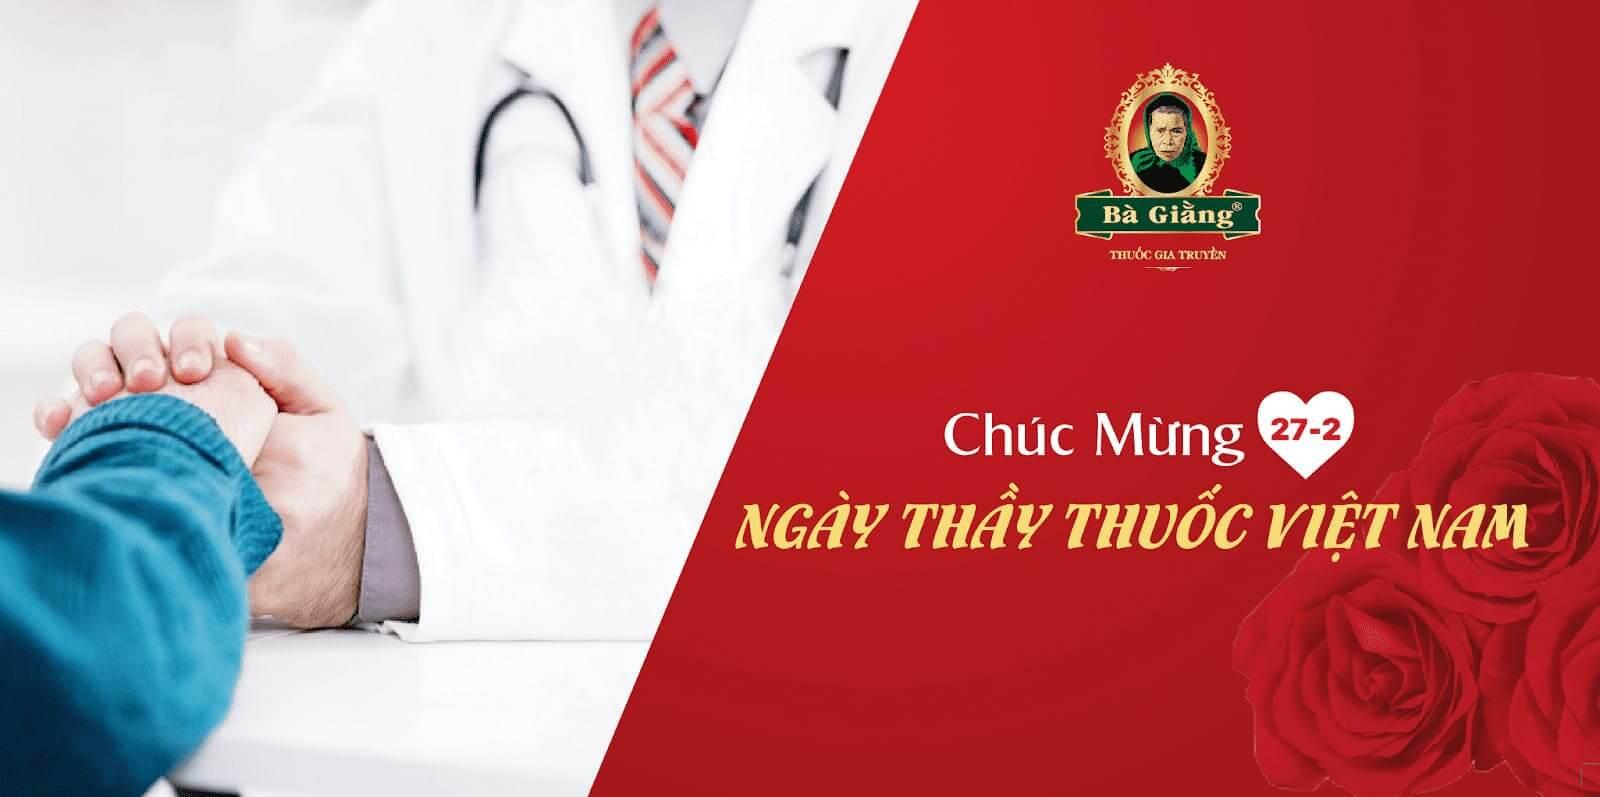 Chúc Mừng 66 Năm Ngày Thầy Thuốc Việt Nam